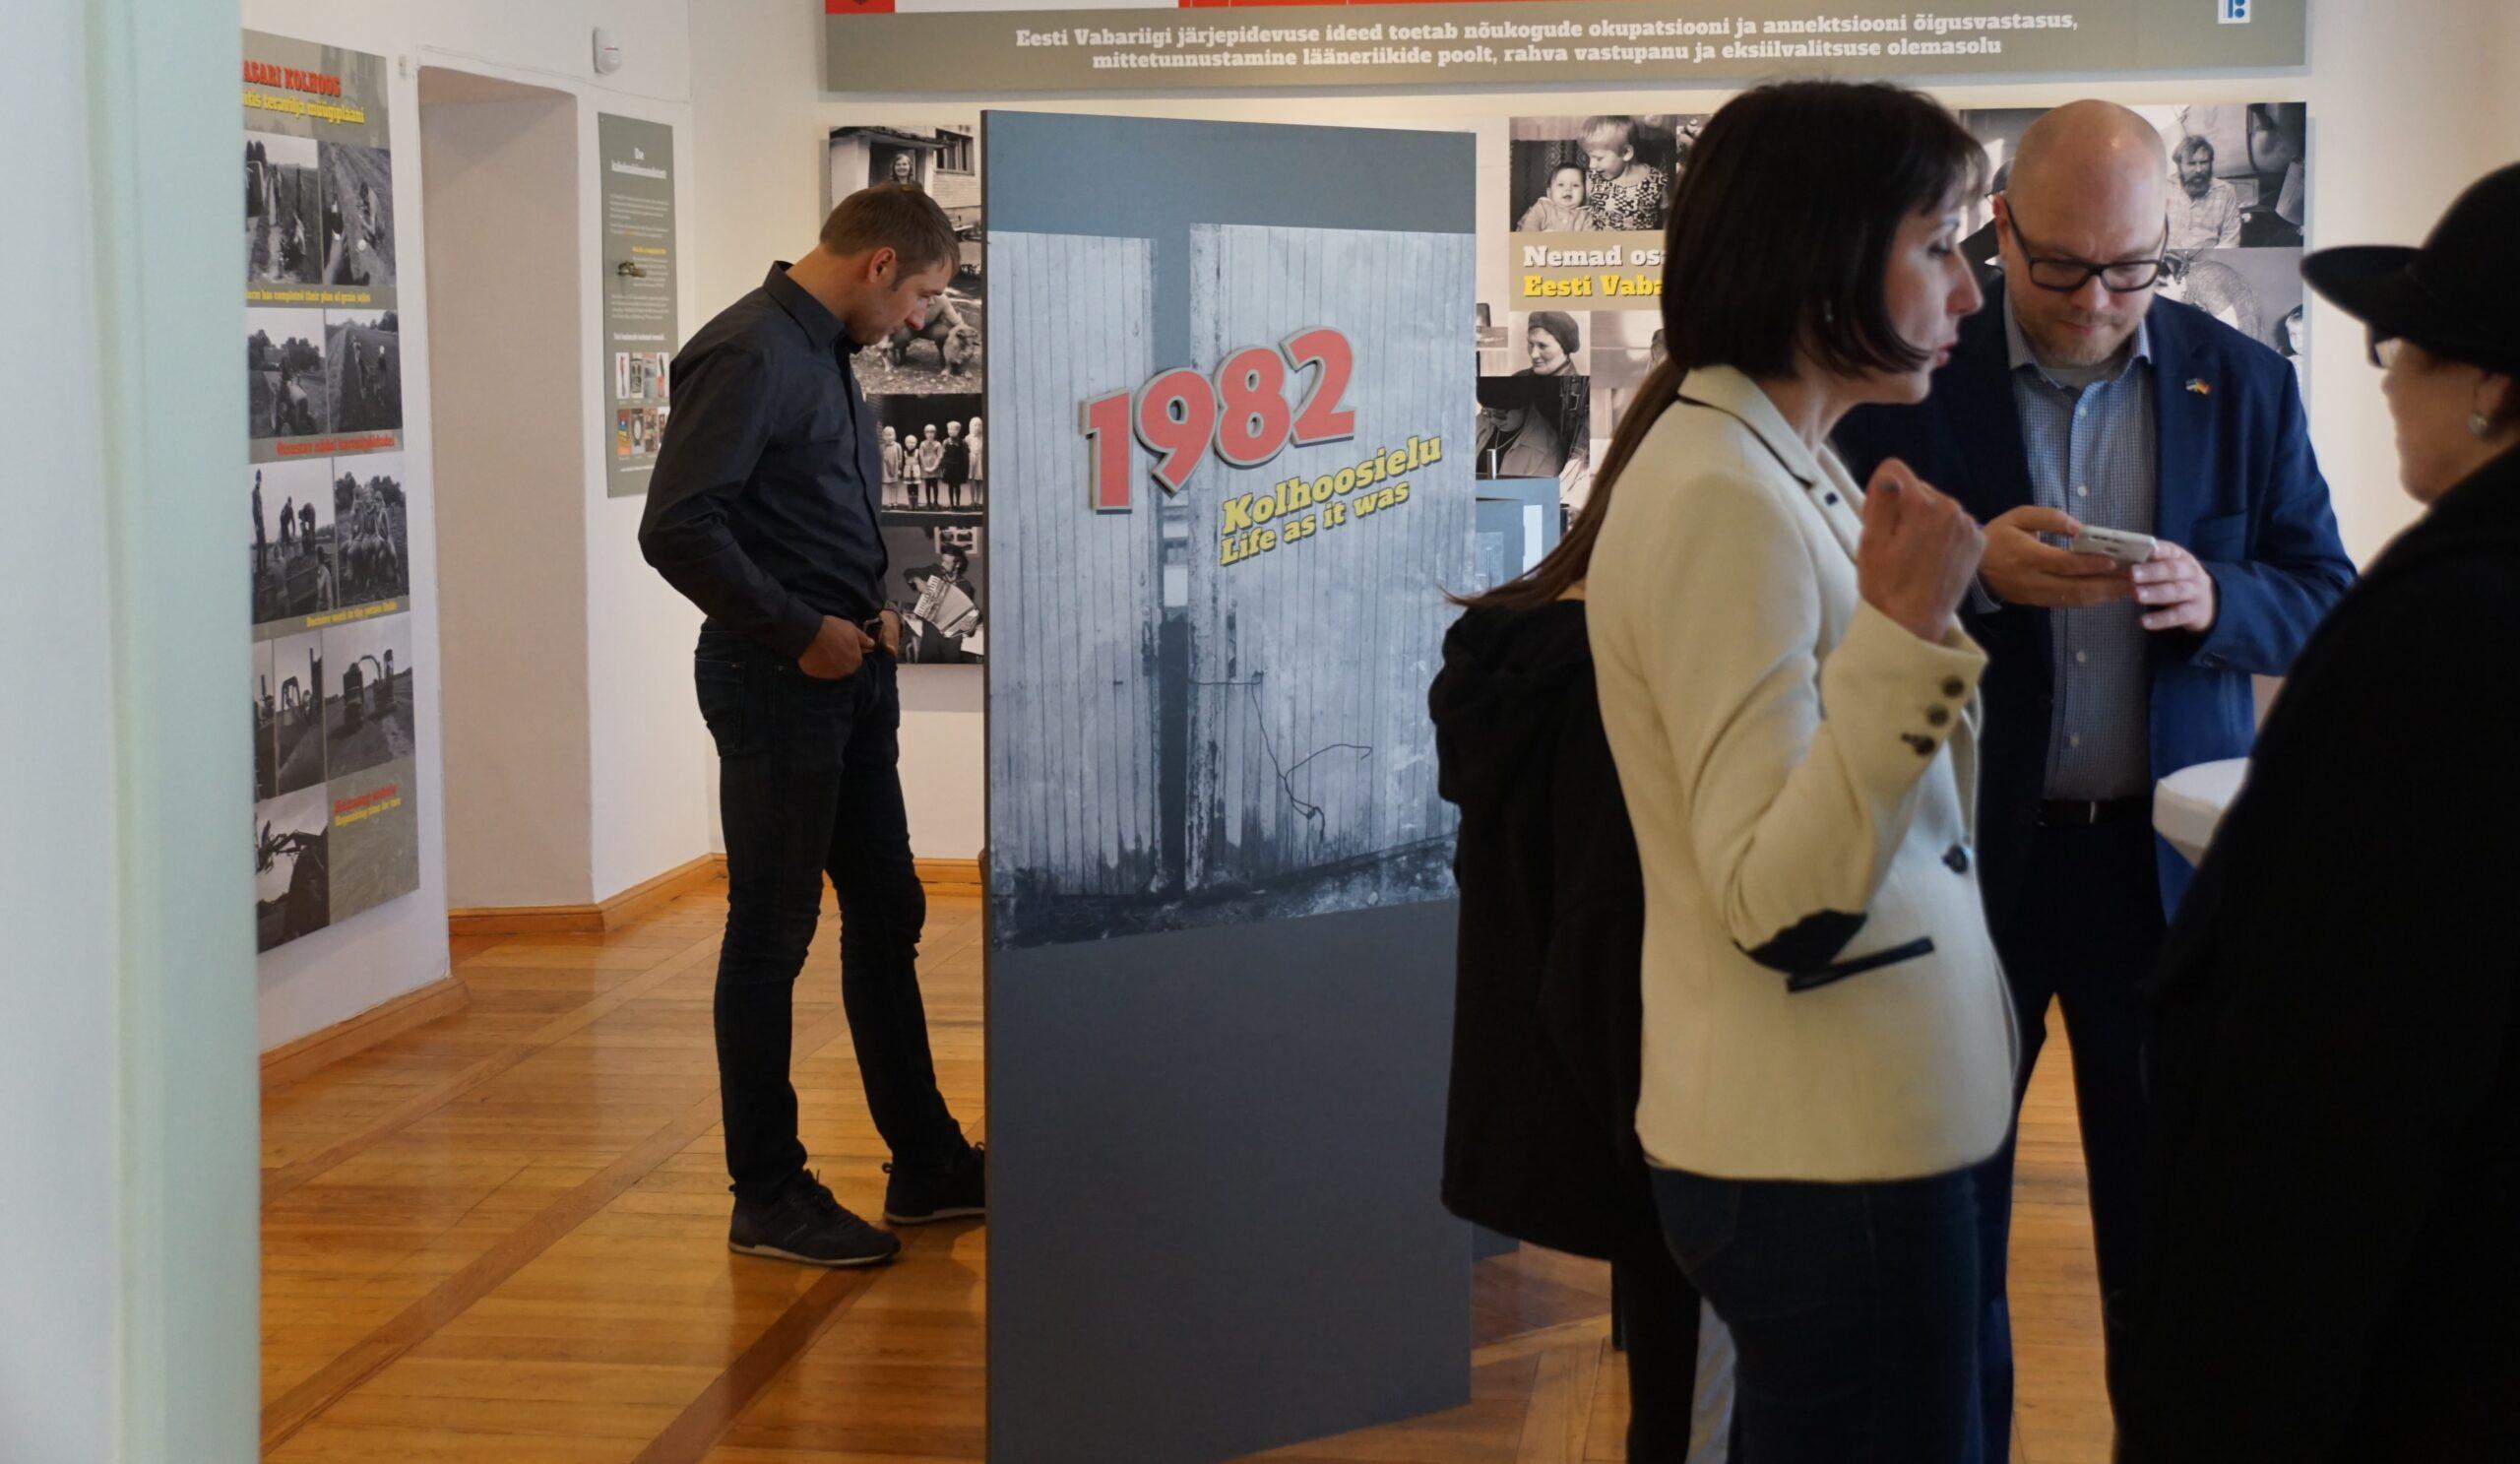 """Reedel toimub Haapsalu raekojas näituse """"1982"""" publikuprogramm"""